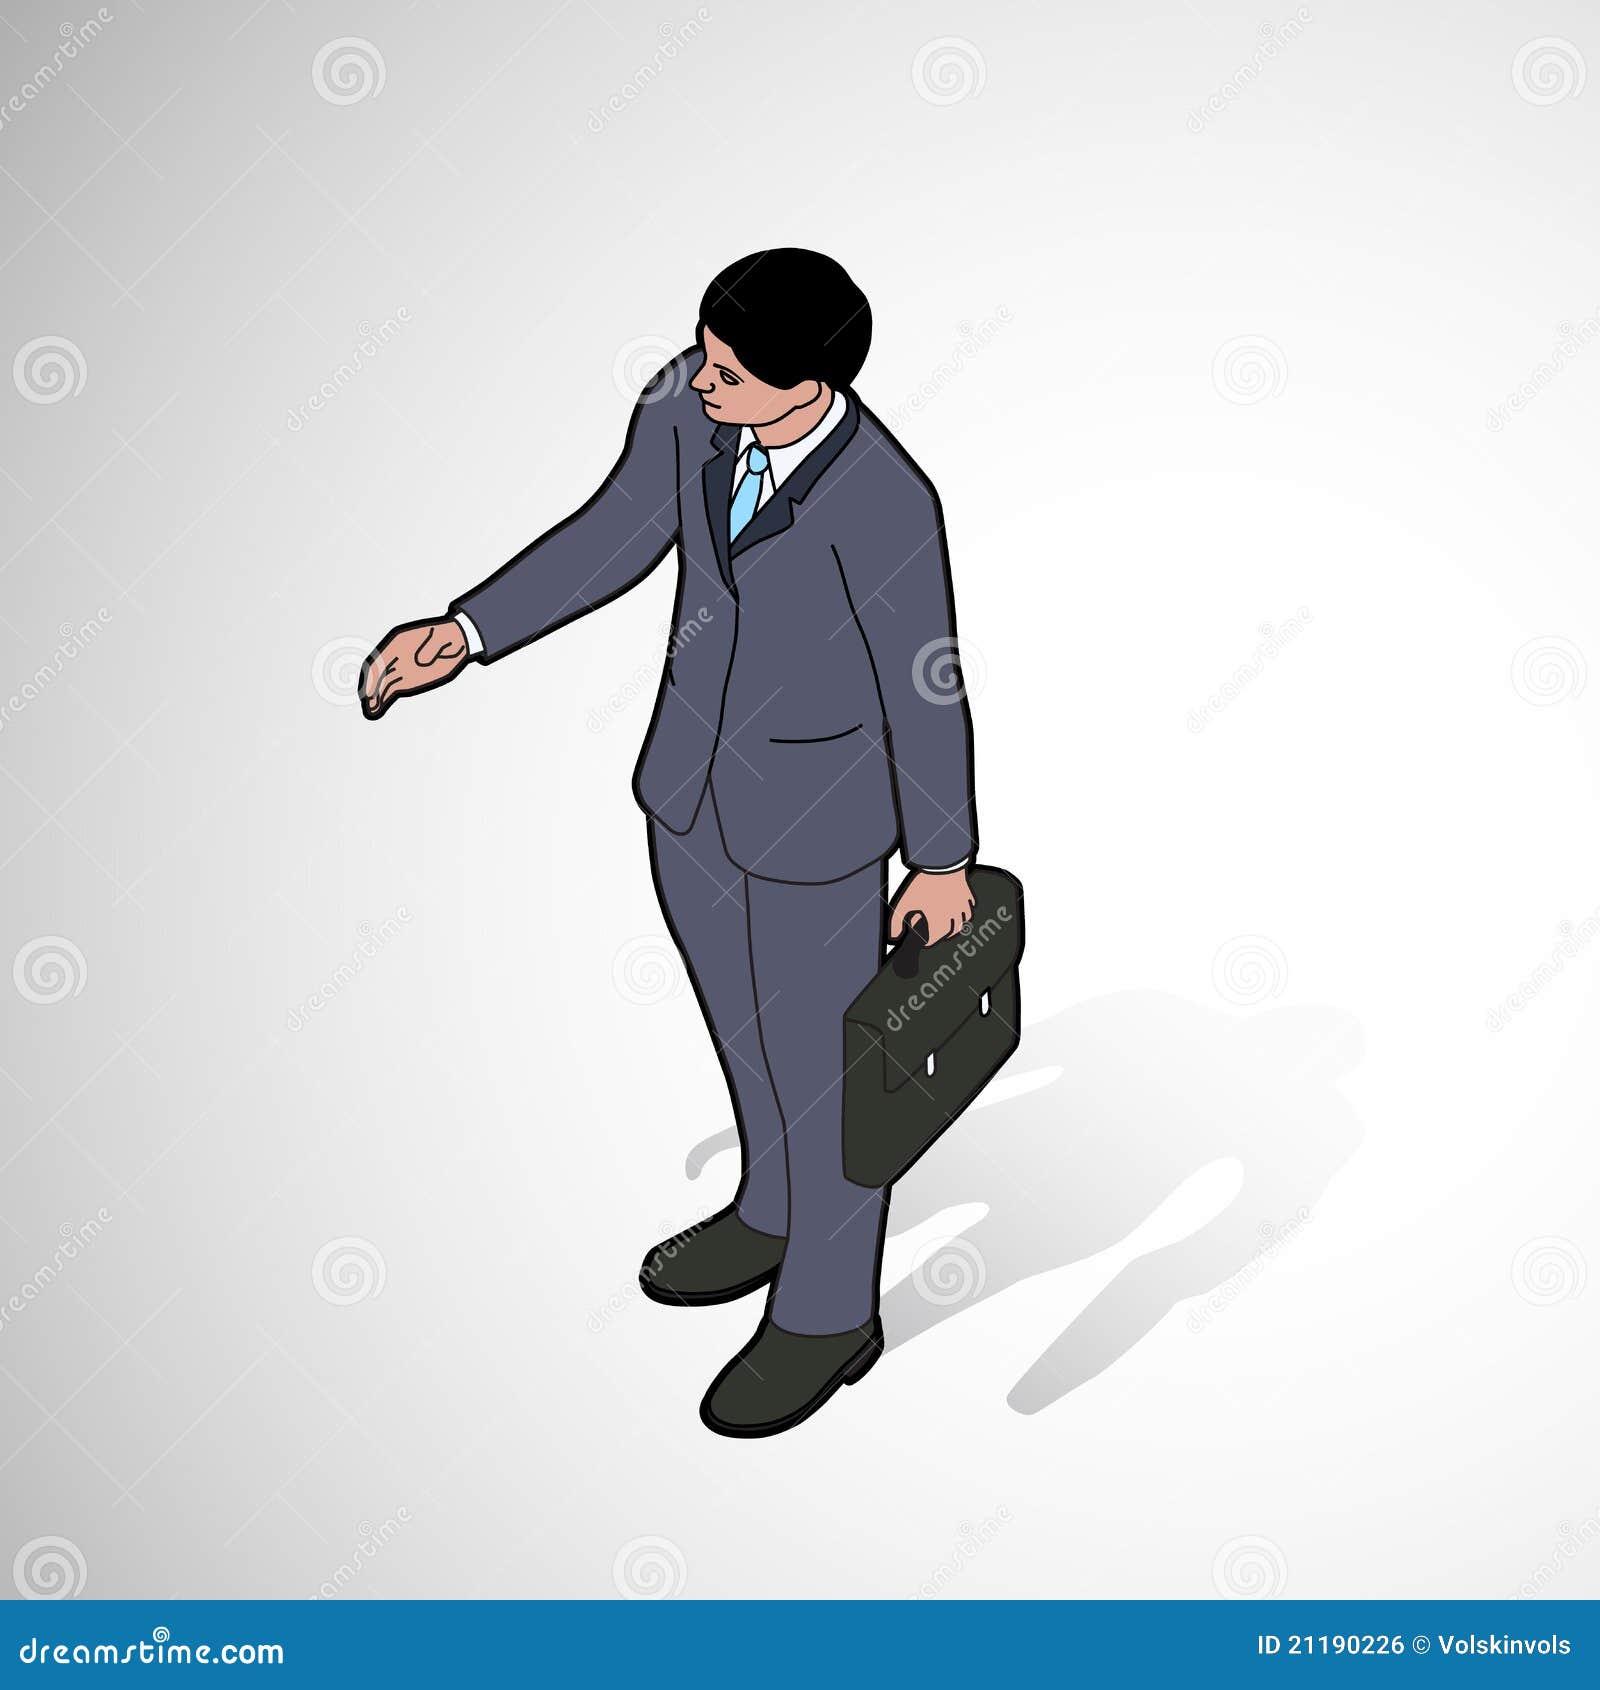 Isometric man shaking hand